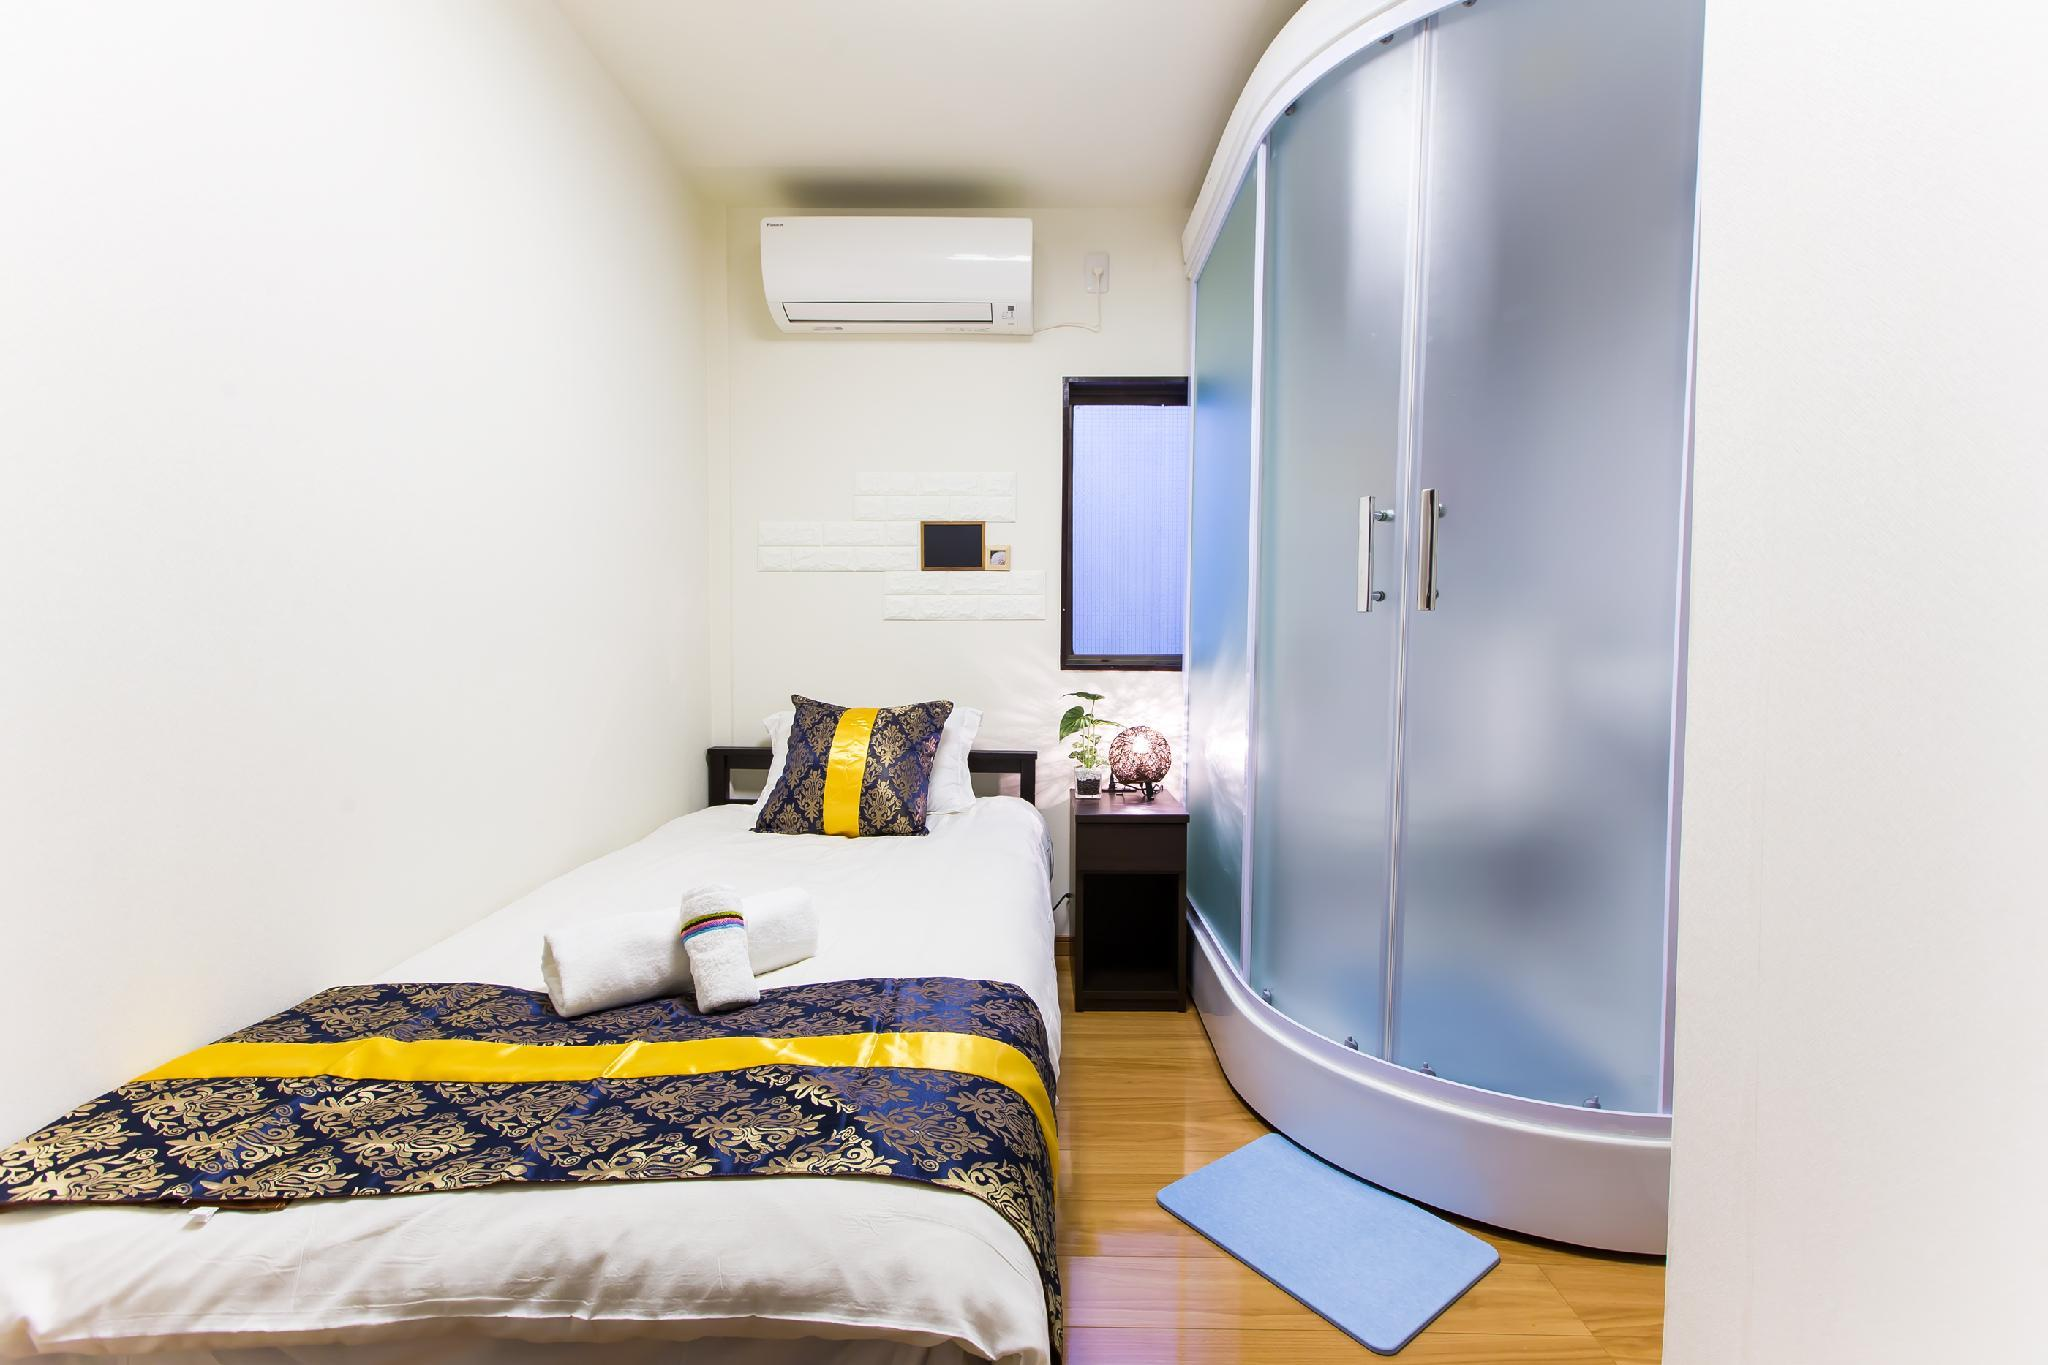 403   Sakuragawa Trusty Hostelandhotel Single Room